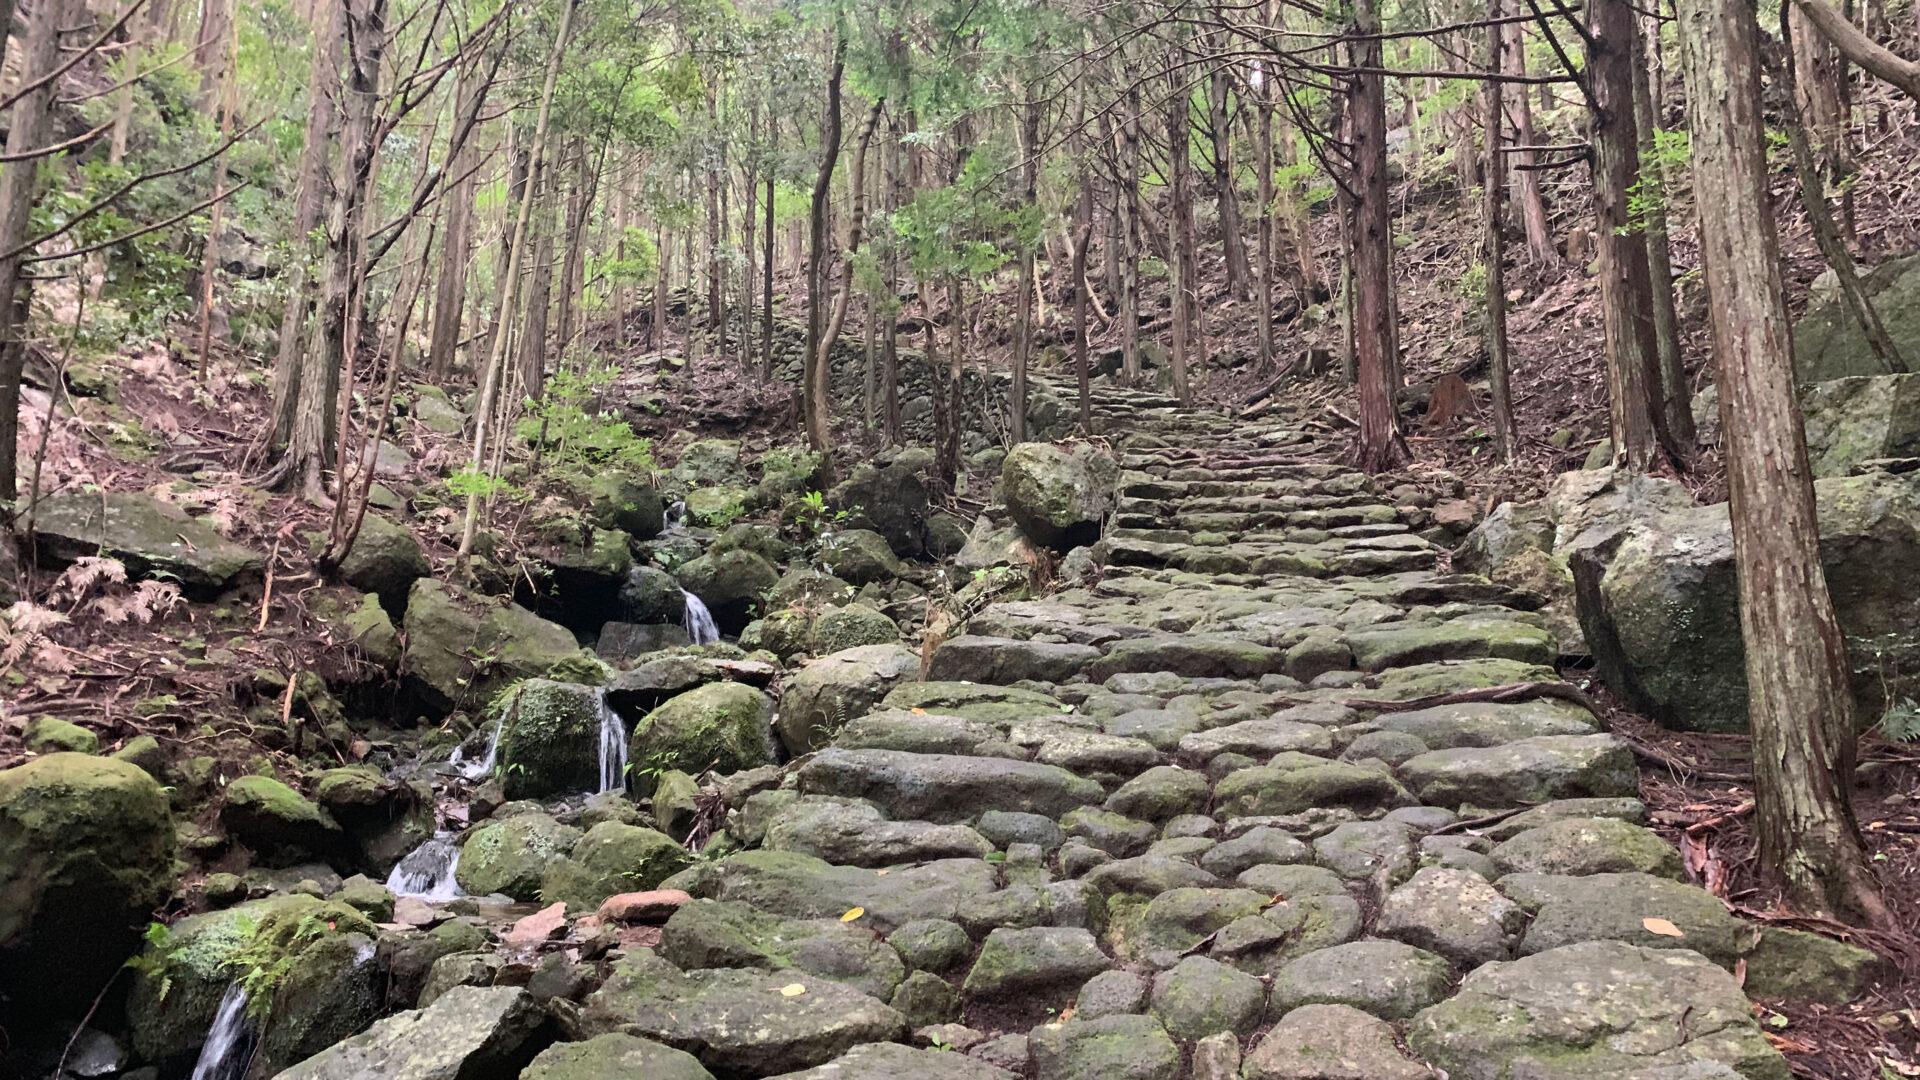 熊野古道・伊勢路の人気コース「松本峠」ウォークで熊野市の魅力を再発見